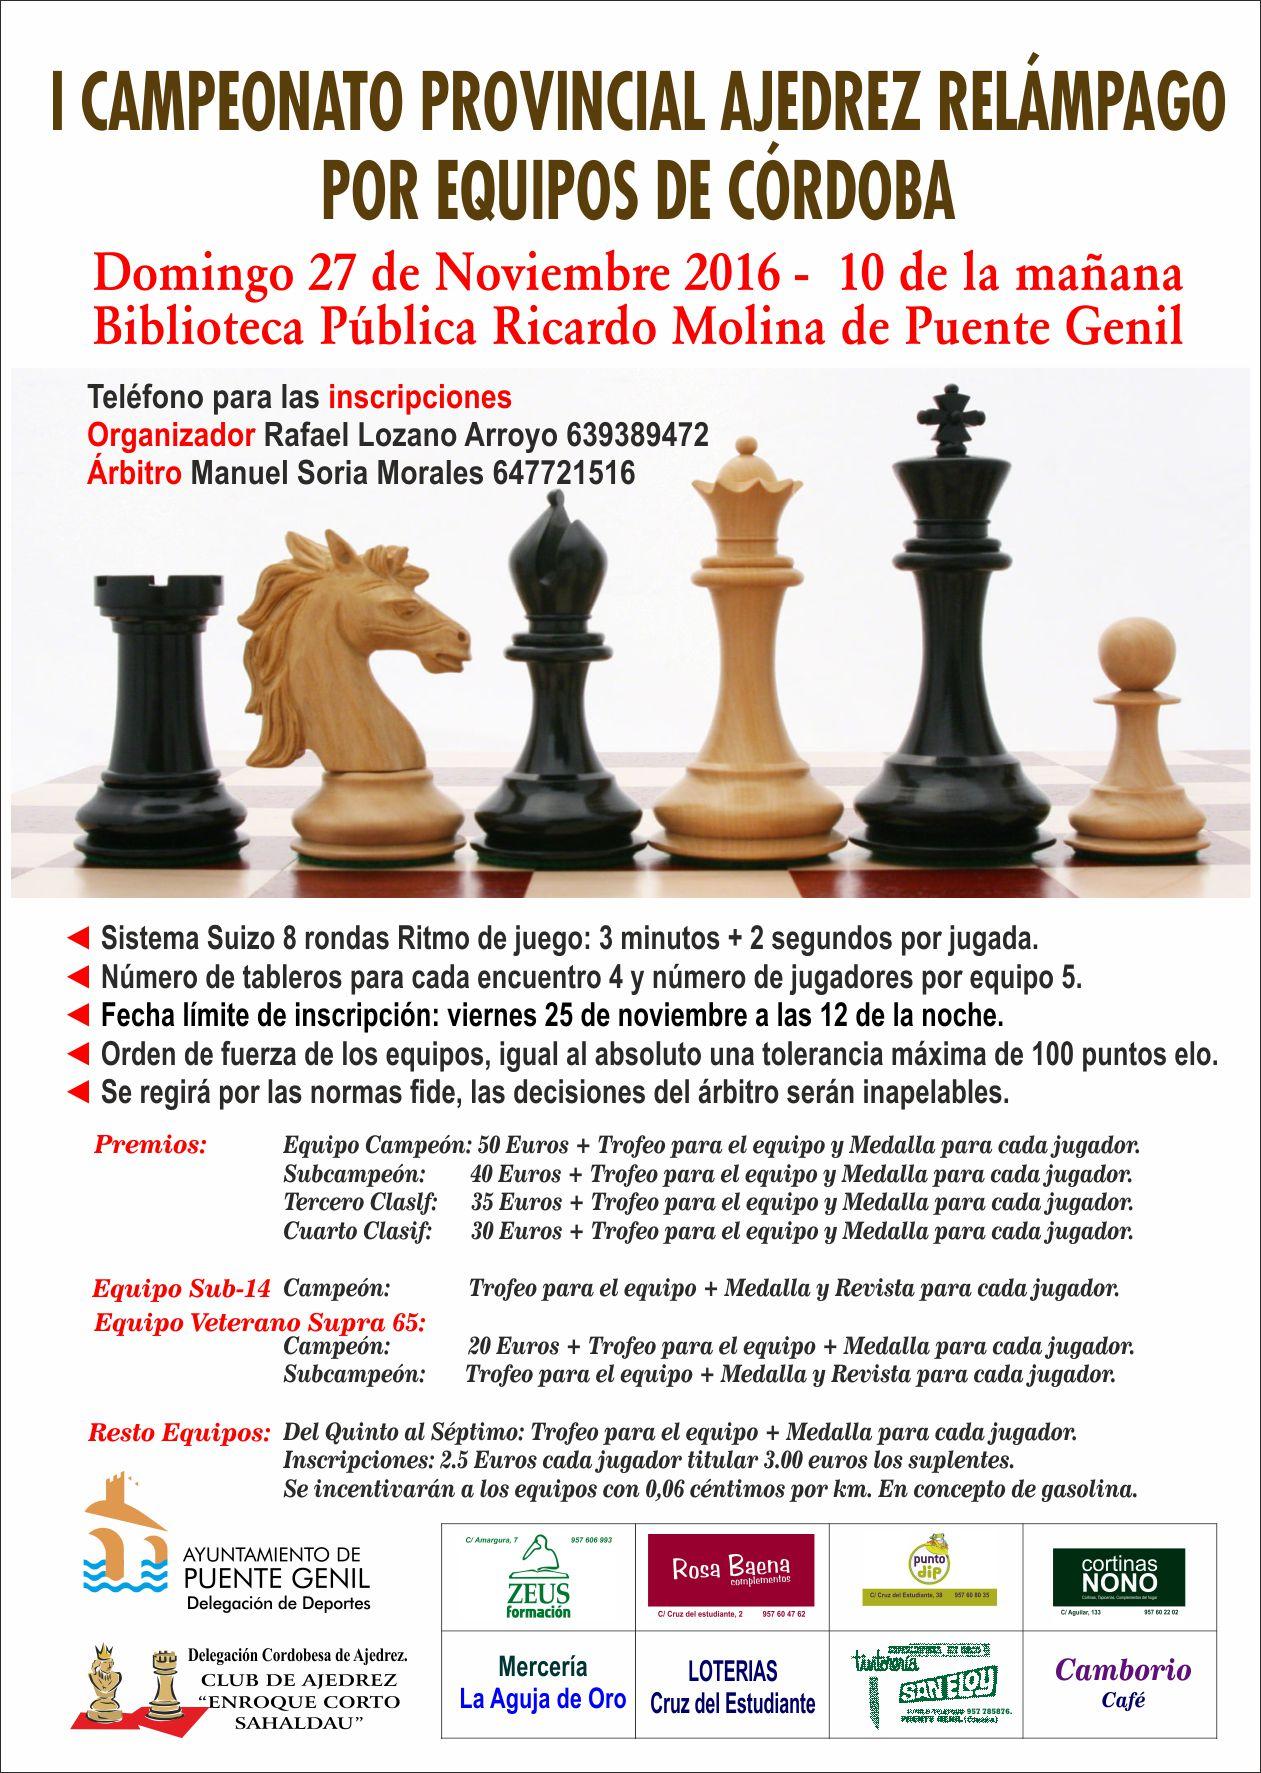 I Campeonato Provincial de Ajedrez Relámpago por Equipos de Córdoba 2016